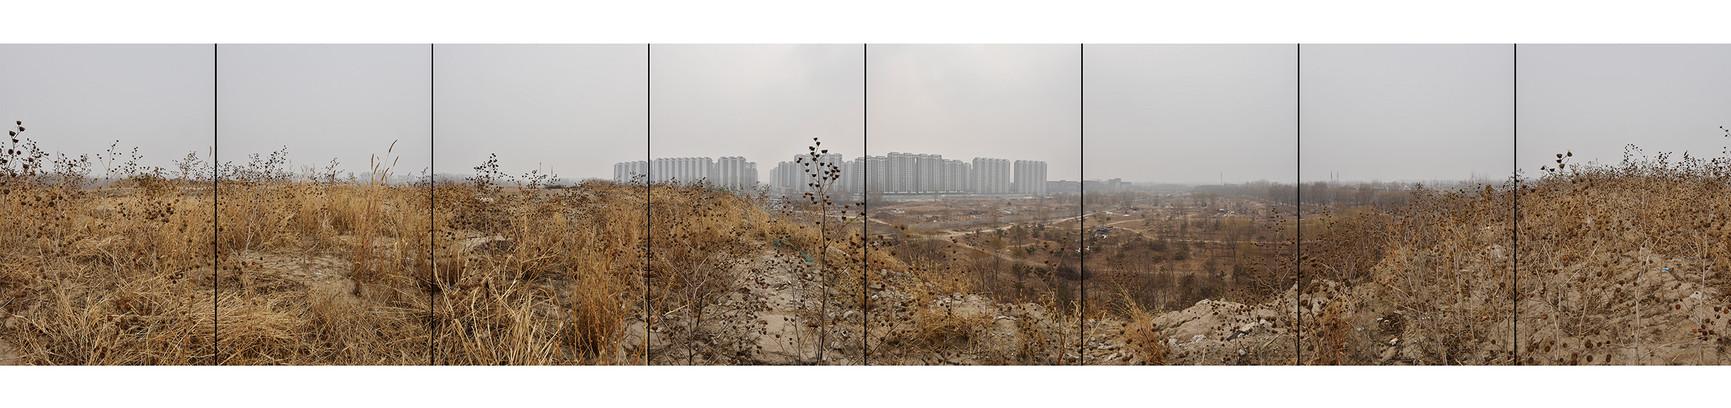 北京废墟28.jpg